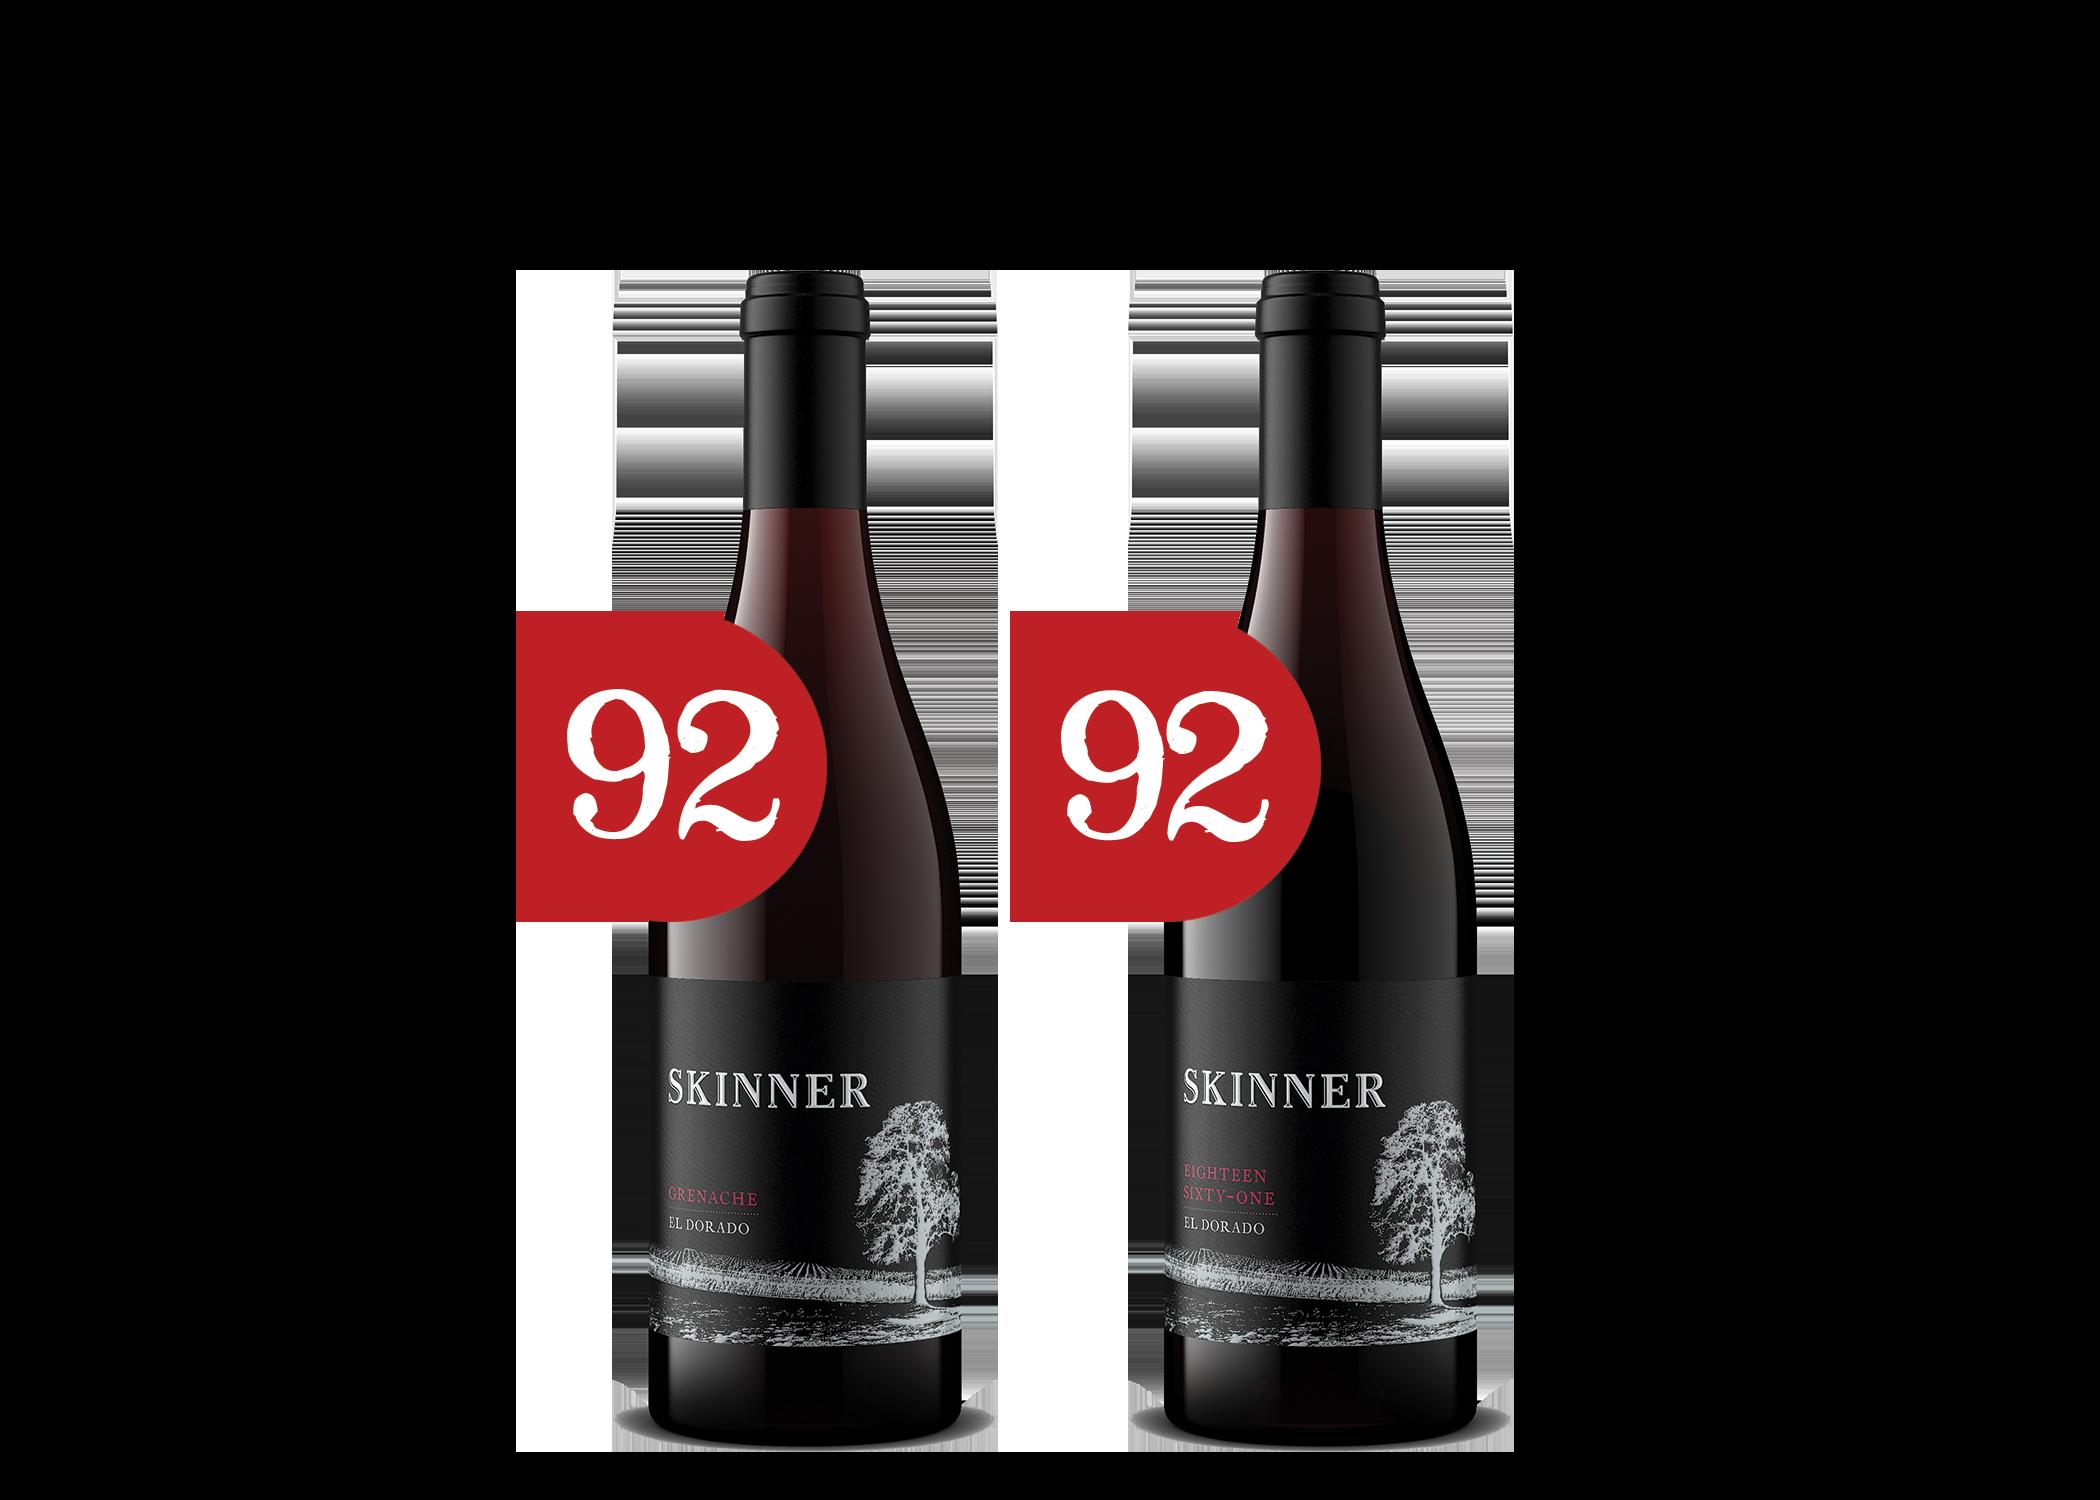 Two bottles of Skinner wine